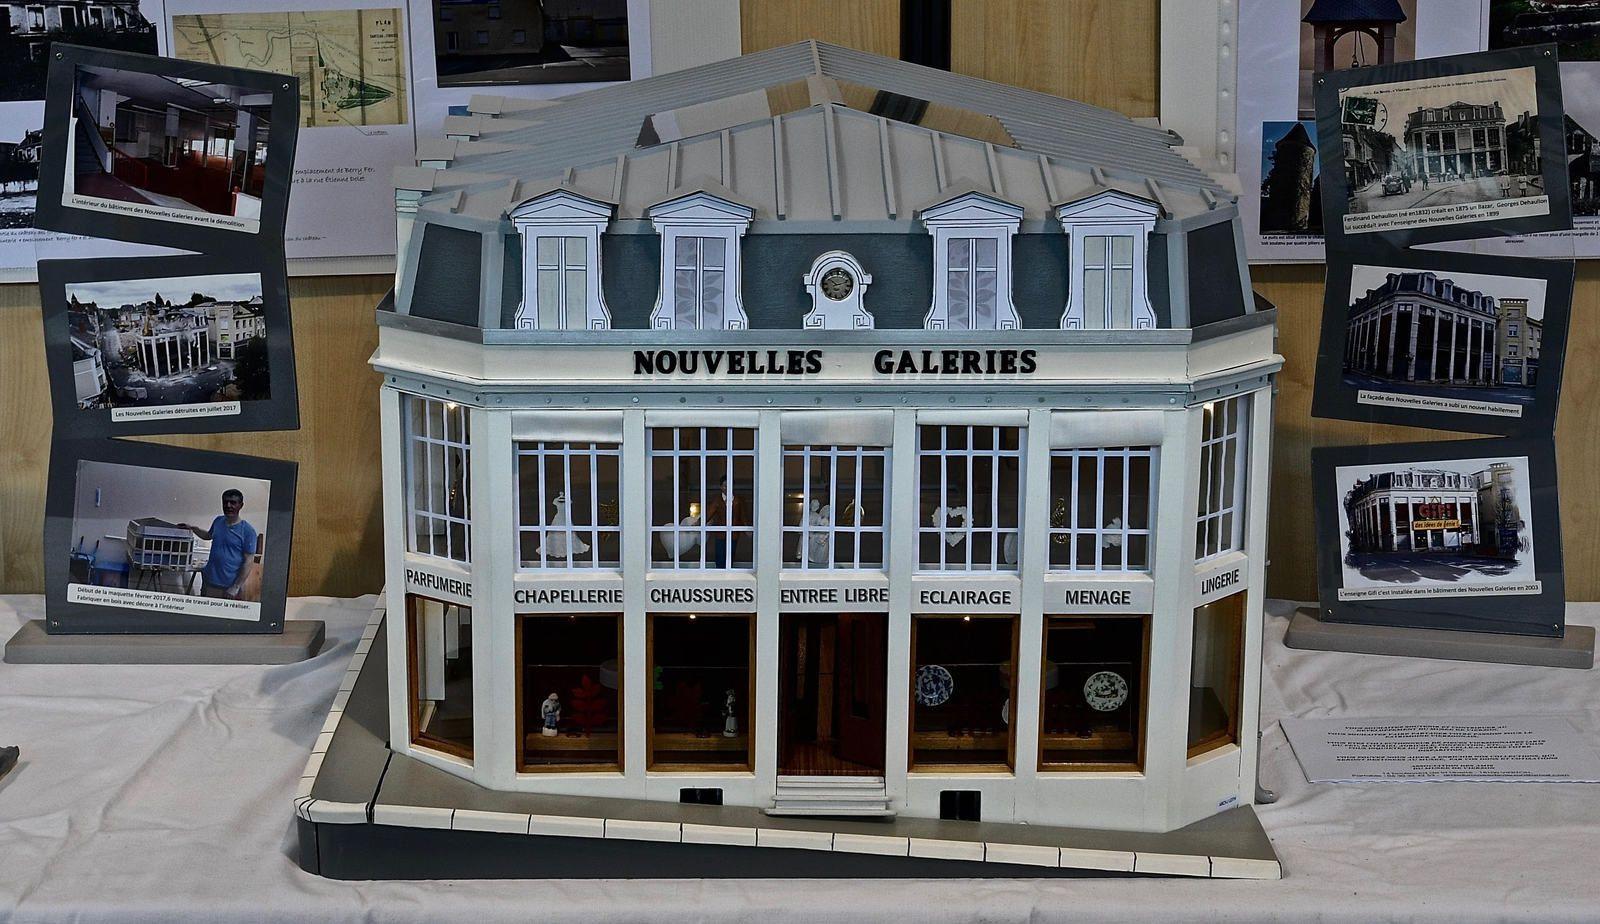 Les Nouvelles Galeries de retour... en maquettes !